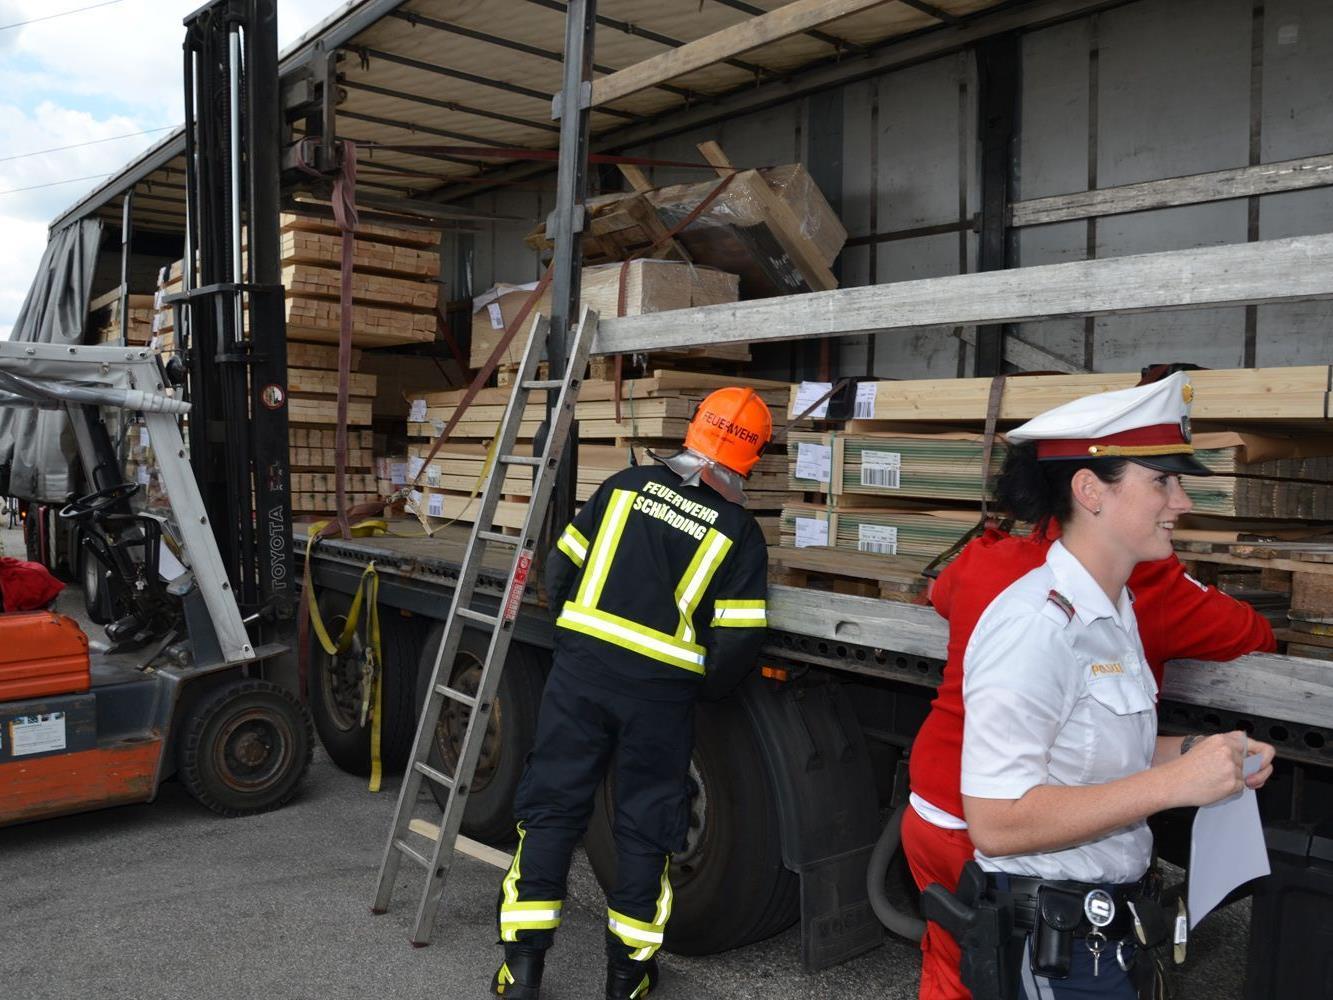 Der Arbeiter wurde unter einer herabstürzenden Holzpalette eingeklemmt.